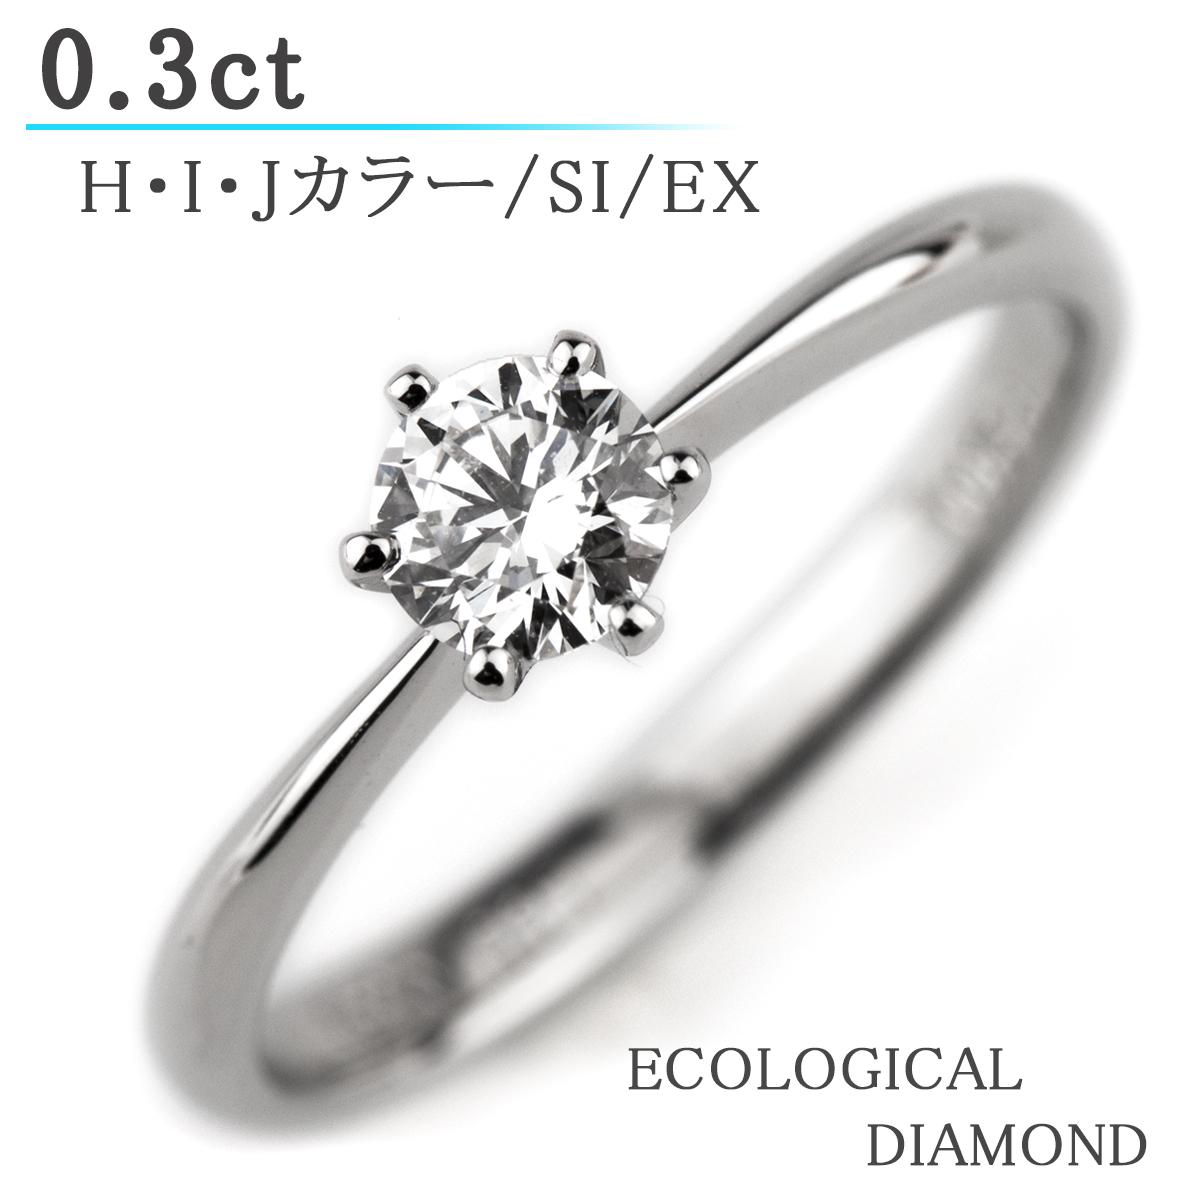 婚約指輪 エンゲージリング 合成ダイヤモンド 0.3ctSi HIJカラー EX(エクセレントカット)鑑定書付 プラチナ 鑑定書付き【送料無料】天然ダイヤモンドの0.2ctのご予算で0.3ct エンゲージリングを